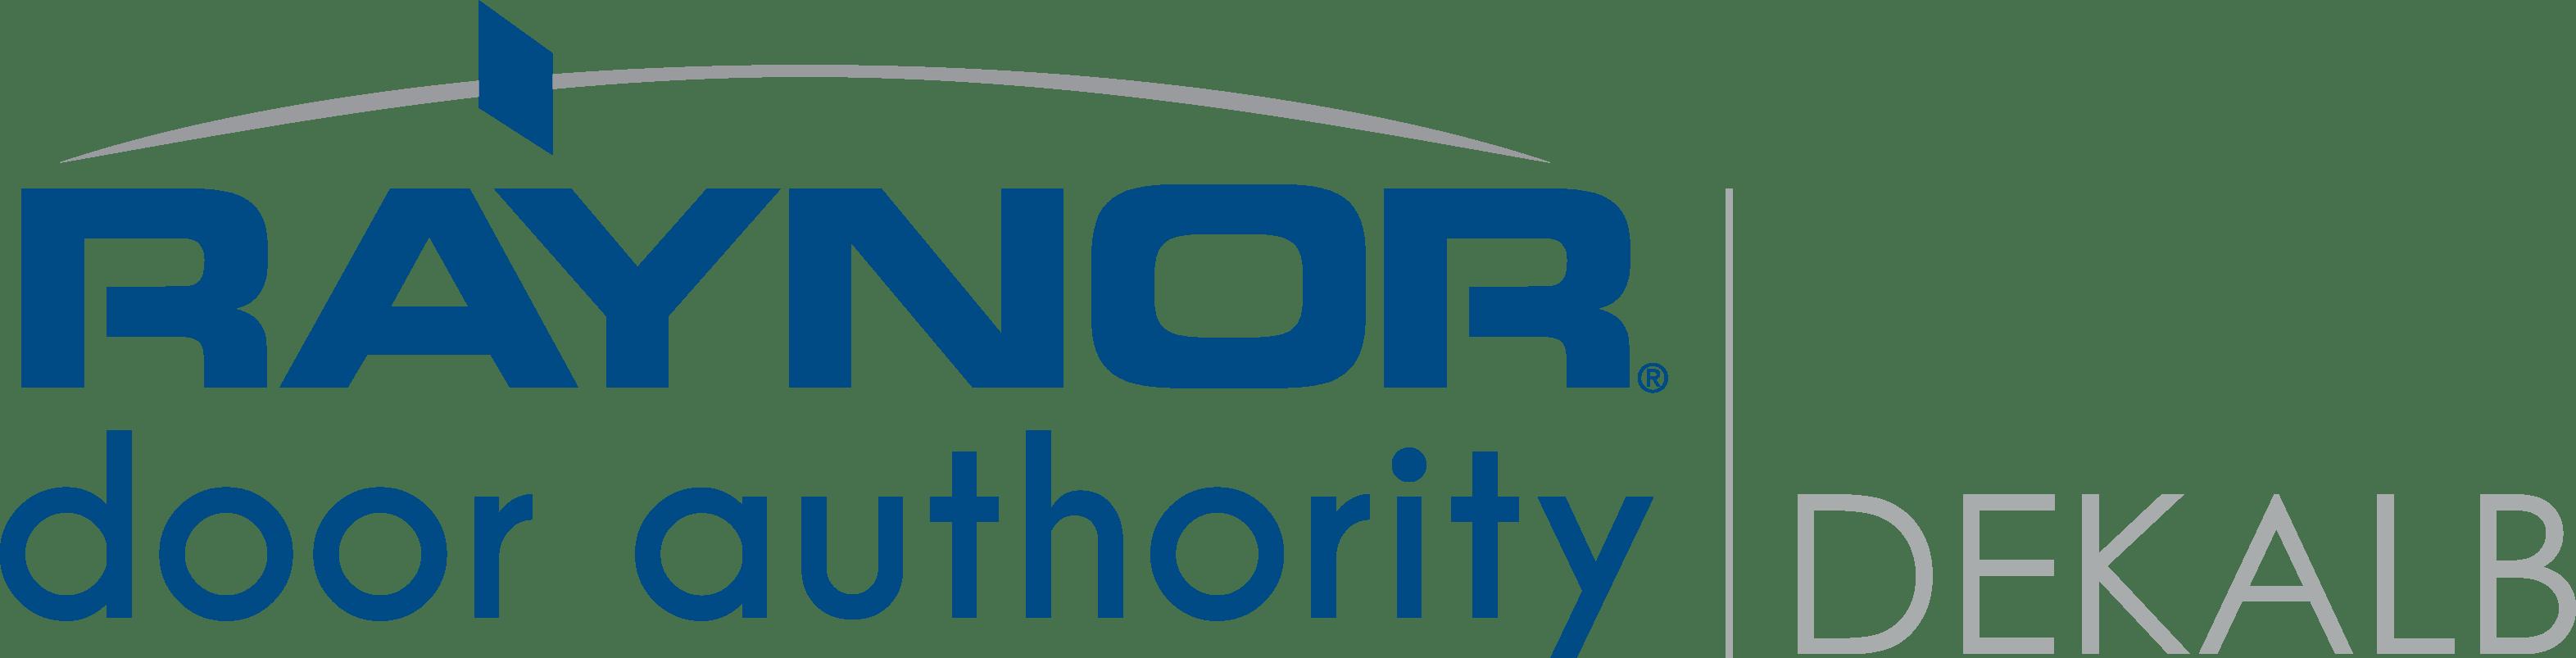 Raynor Door Authority of DeKalb